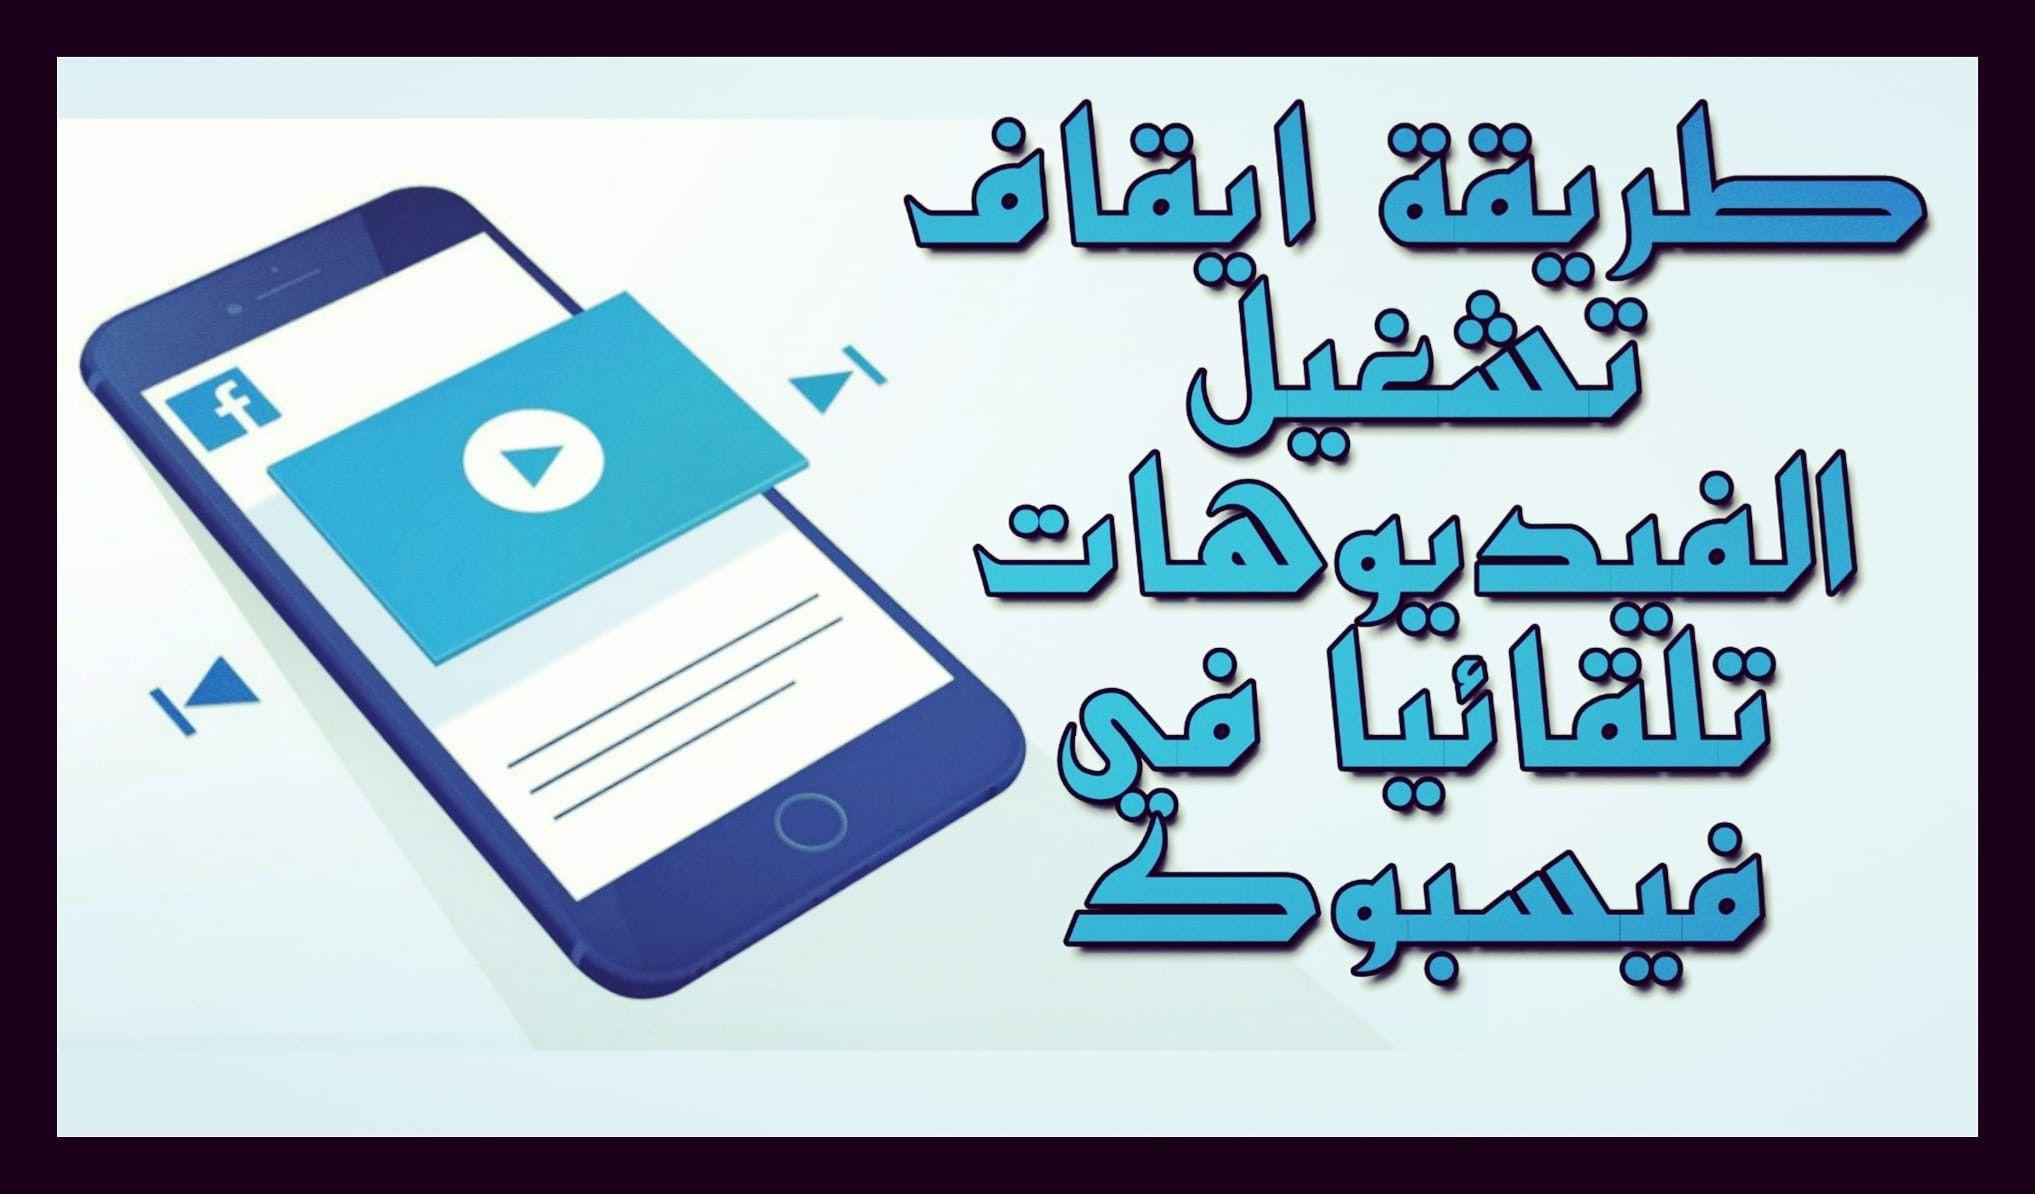 شرح طريقة تشغيل وإيقاف تشغيل مقاطع الفيديو بشكل تلقائي على فيسبوك من تطبيق اندرويد